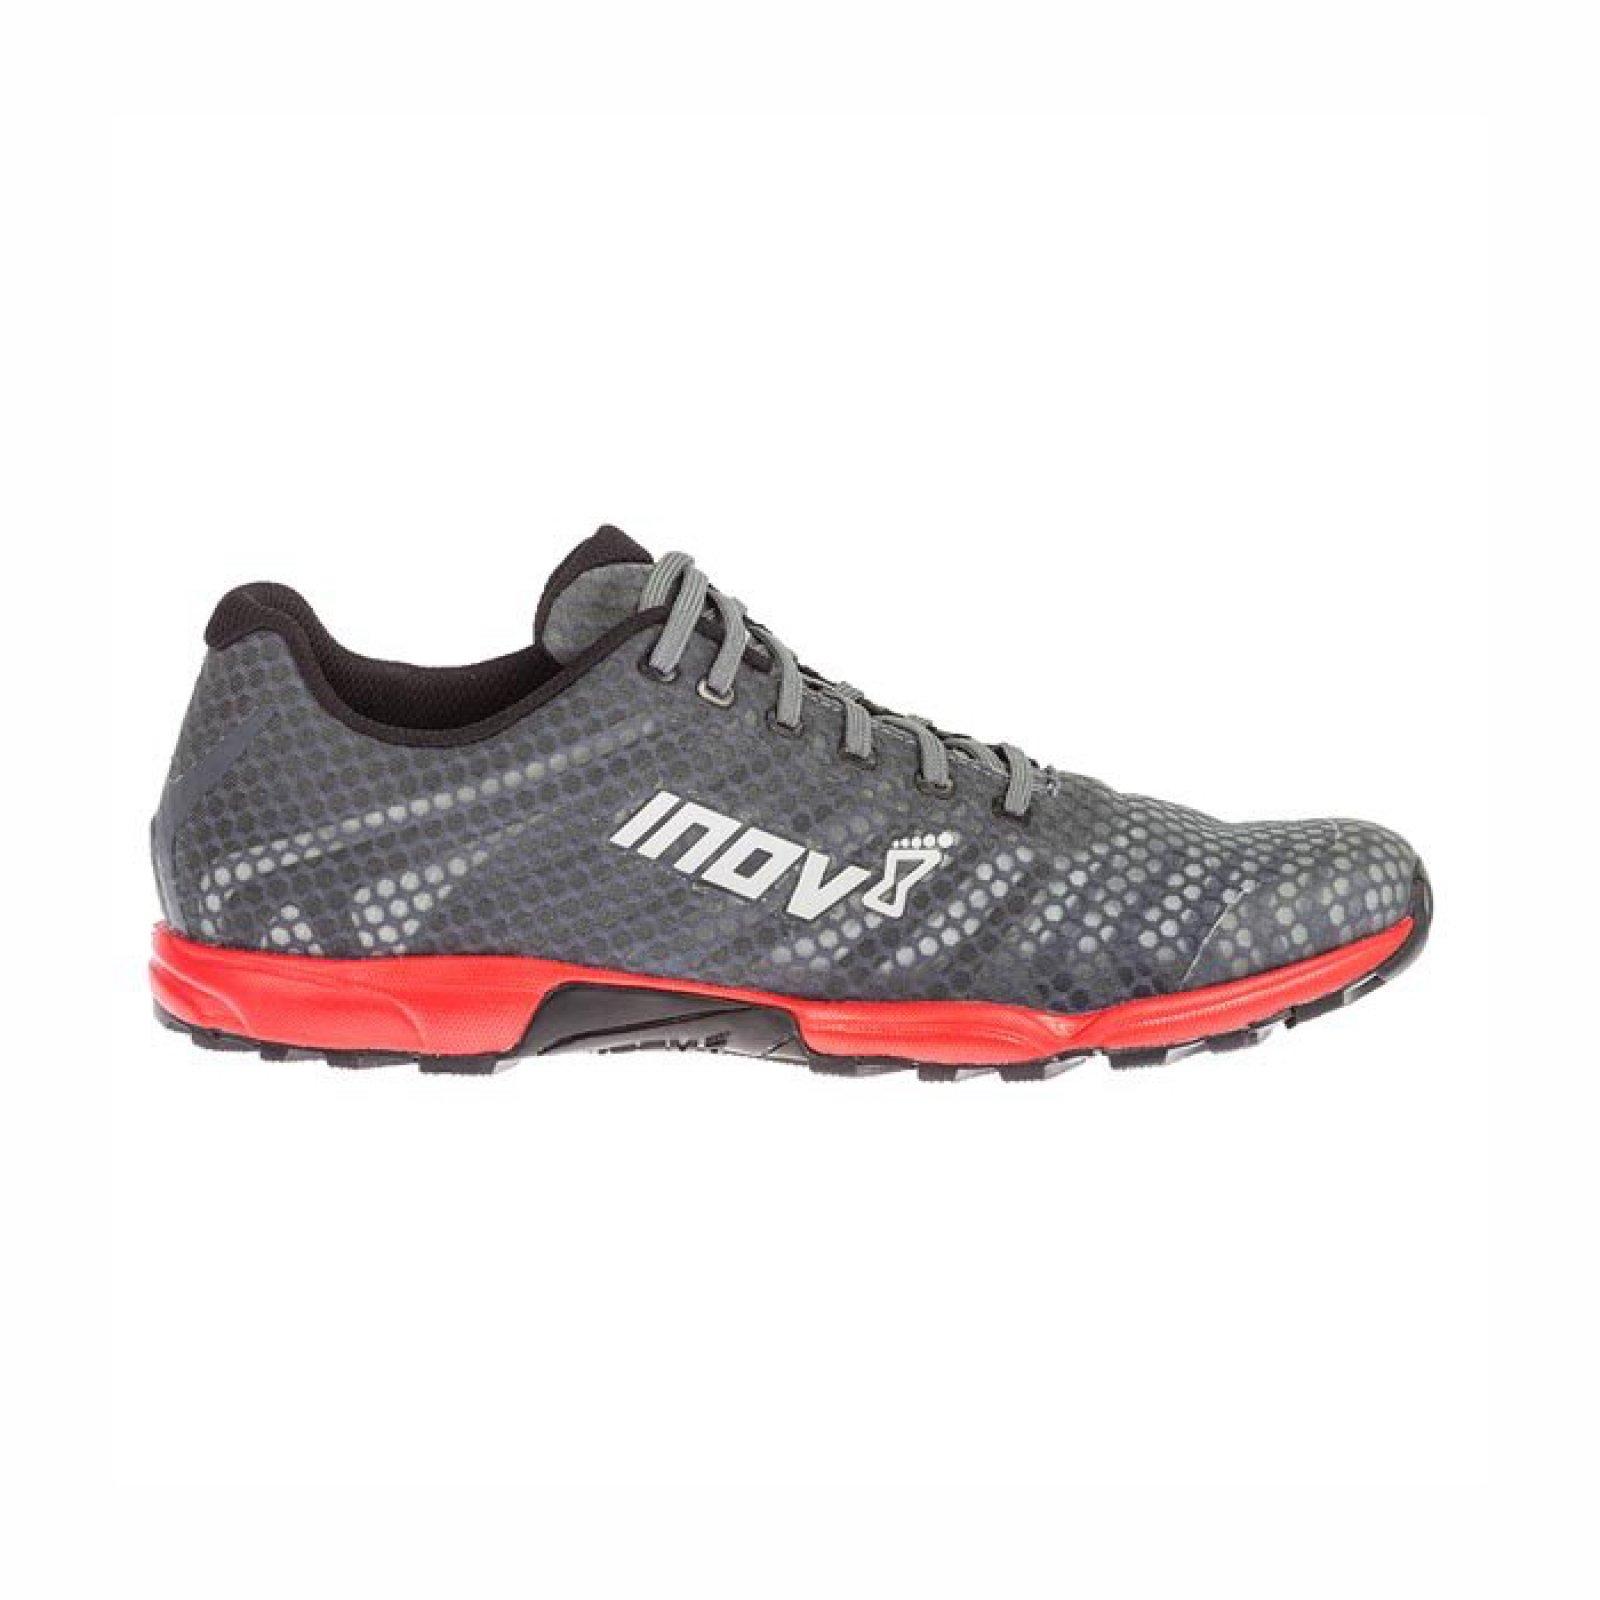 Silniční běžecké boty Inov-8 F-Lite 195 V2 (P) 000640-GYRD-P-01 ... f6bf12c017